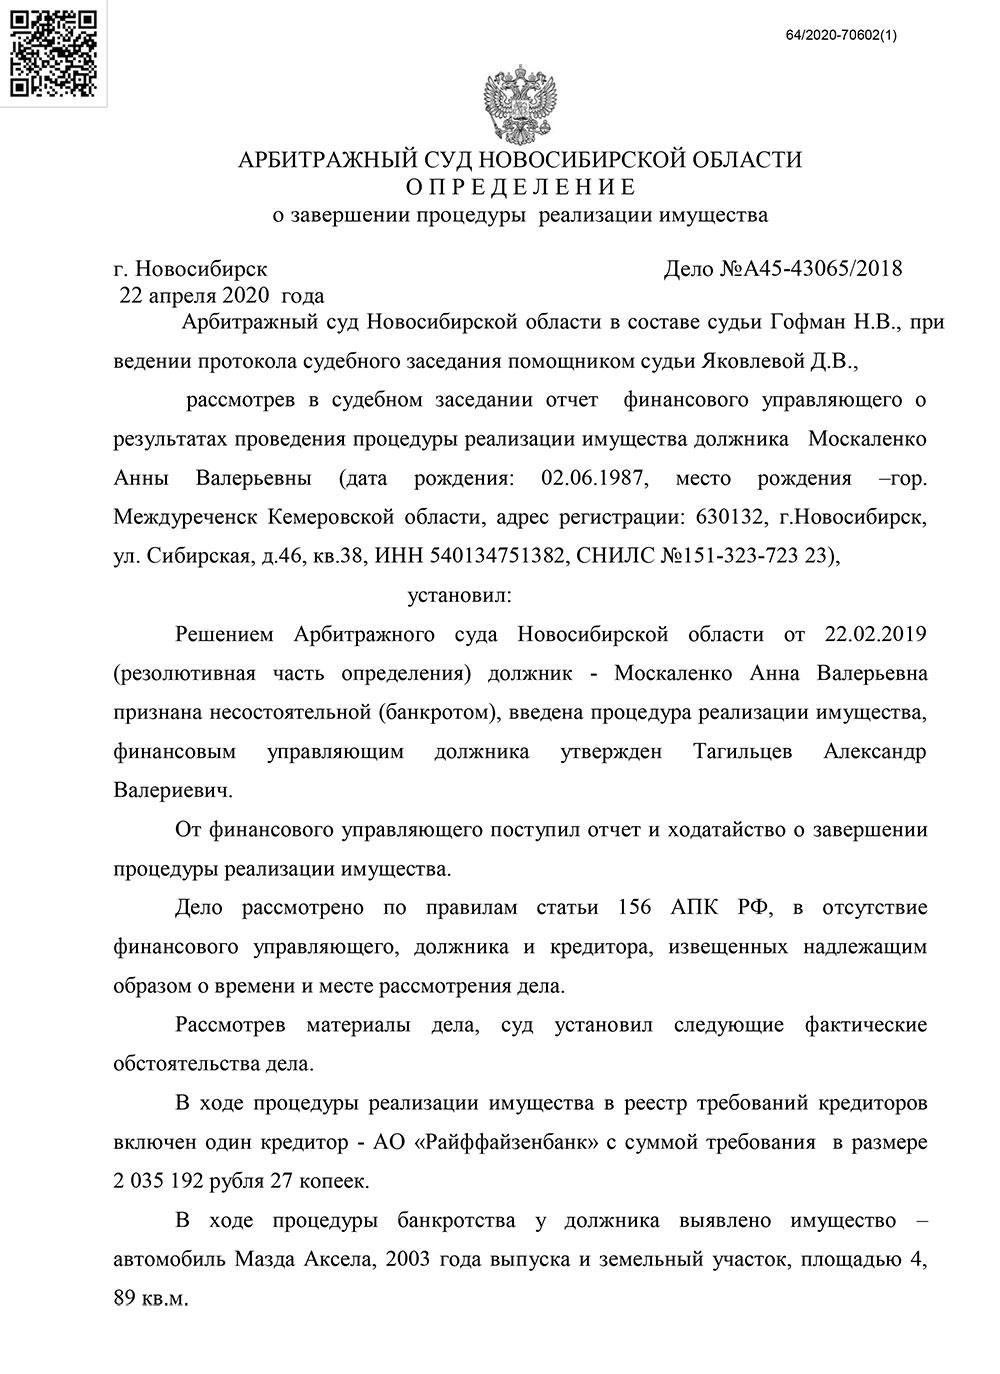 банкротство новосибирск цена